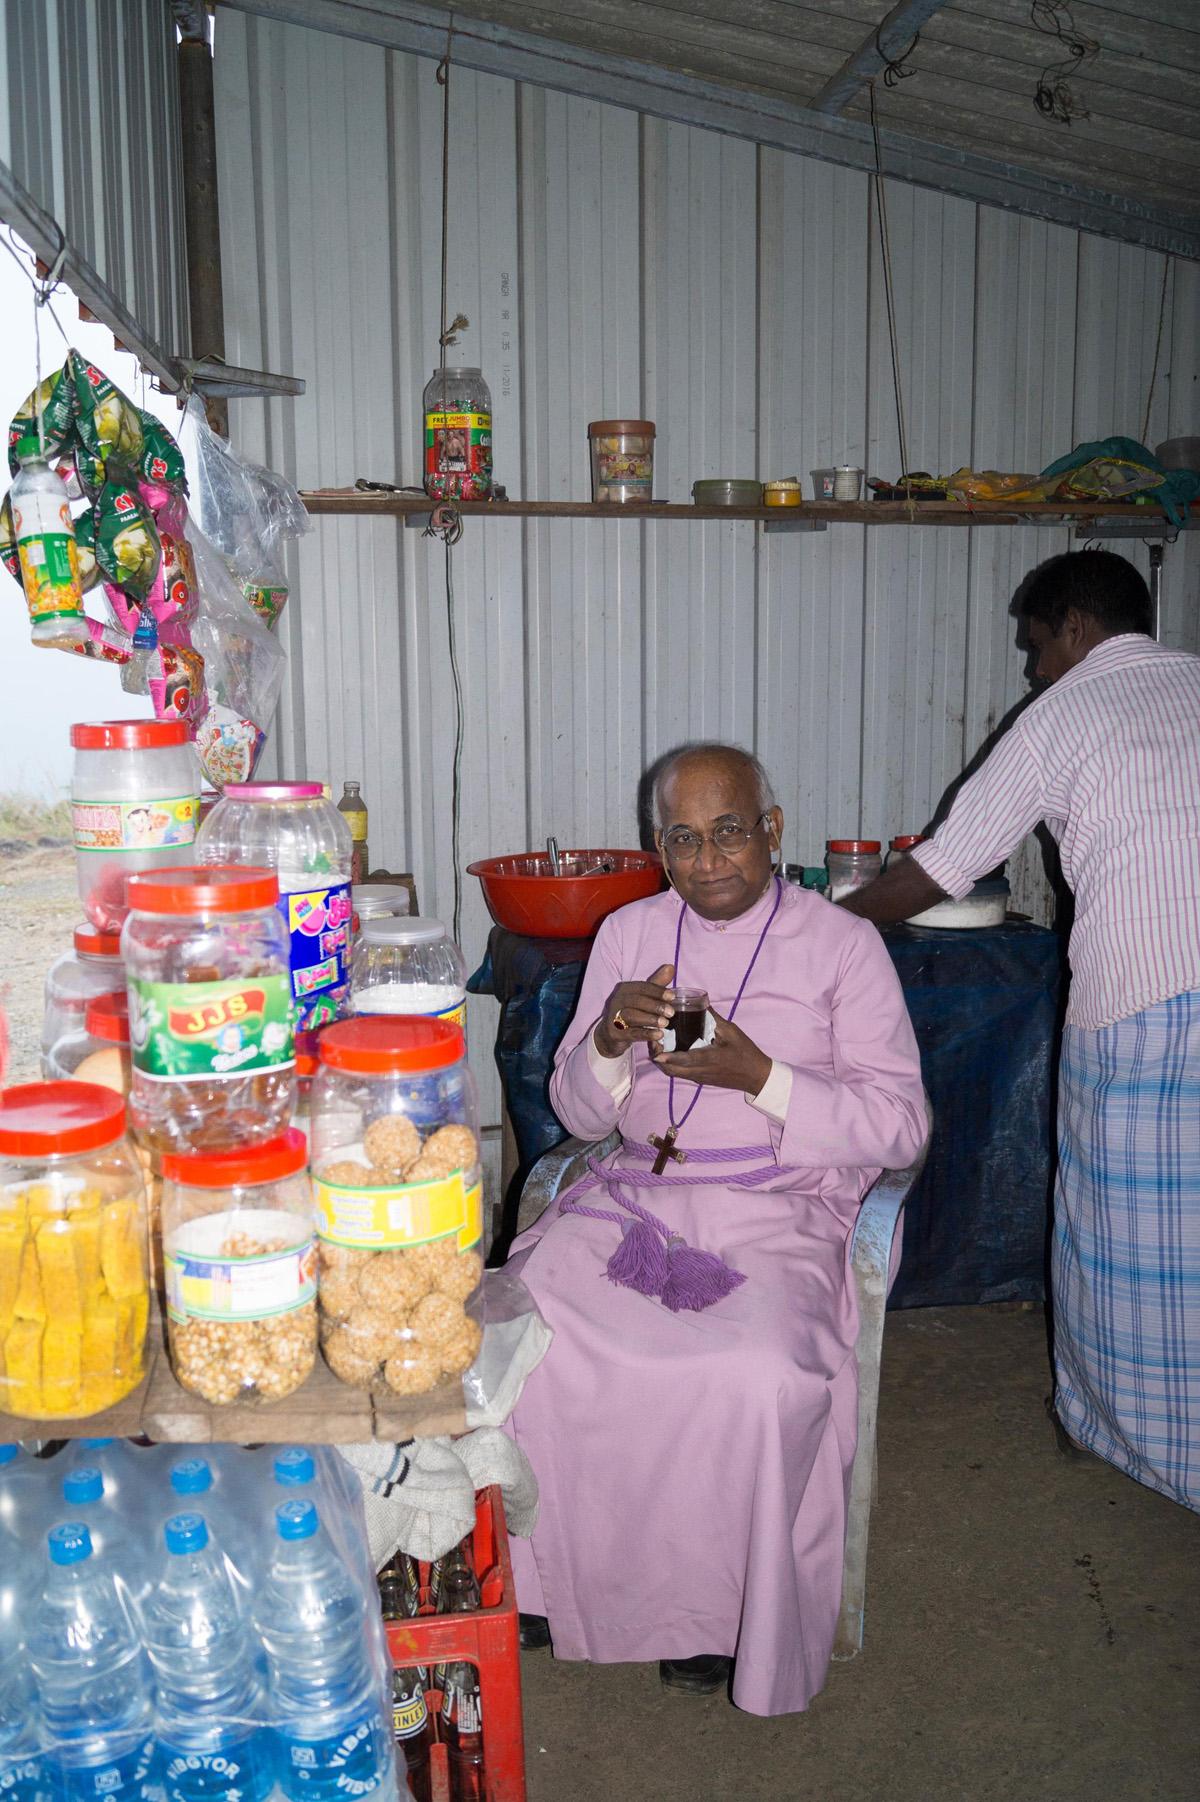 Bischof Daniel bei einer Teepause. Foto: Pfarrer Johannes Wildner